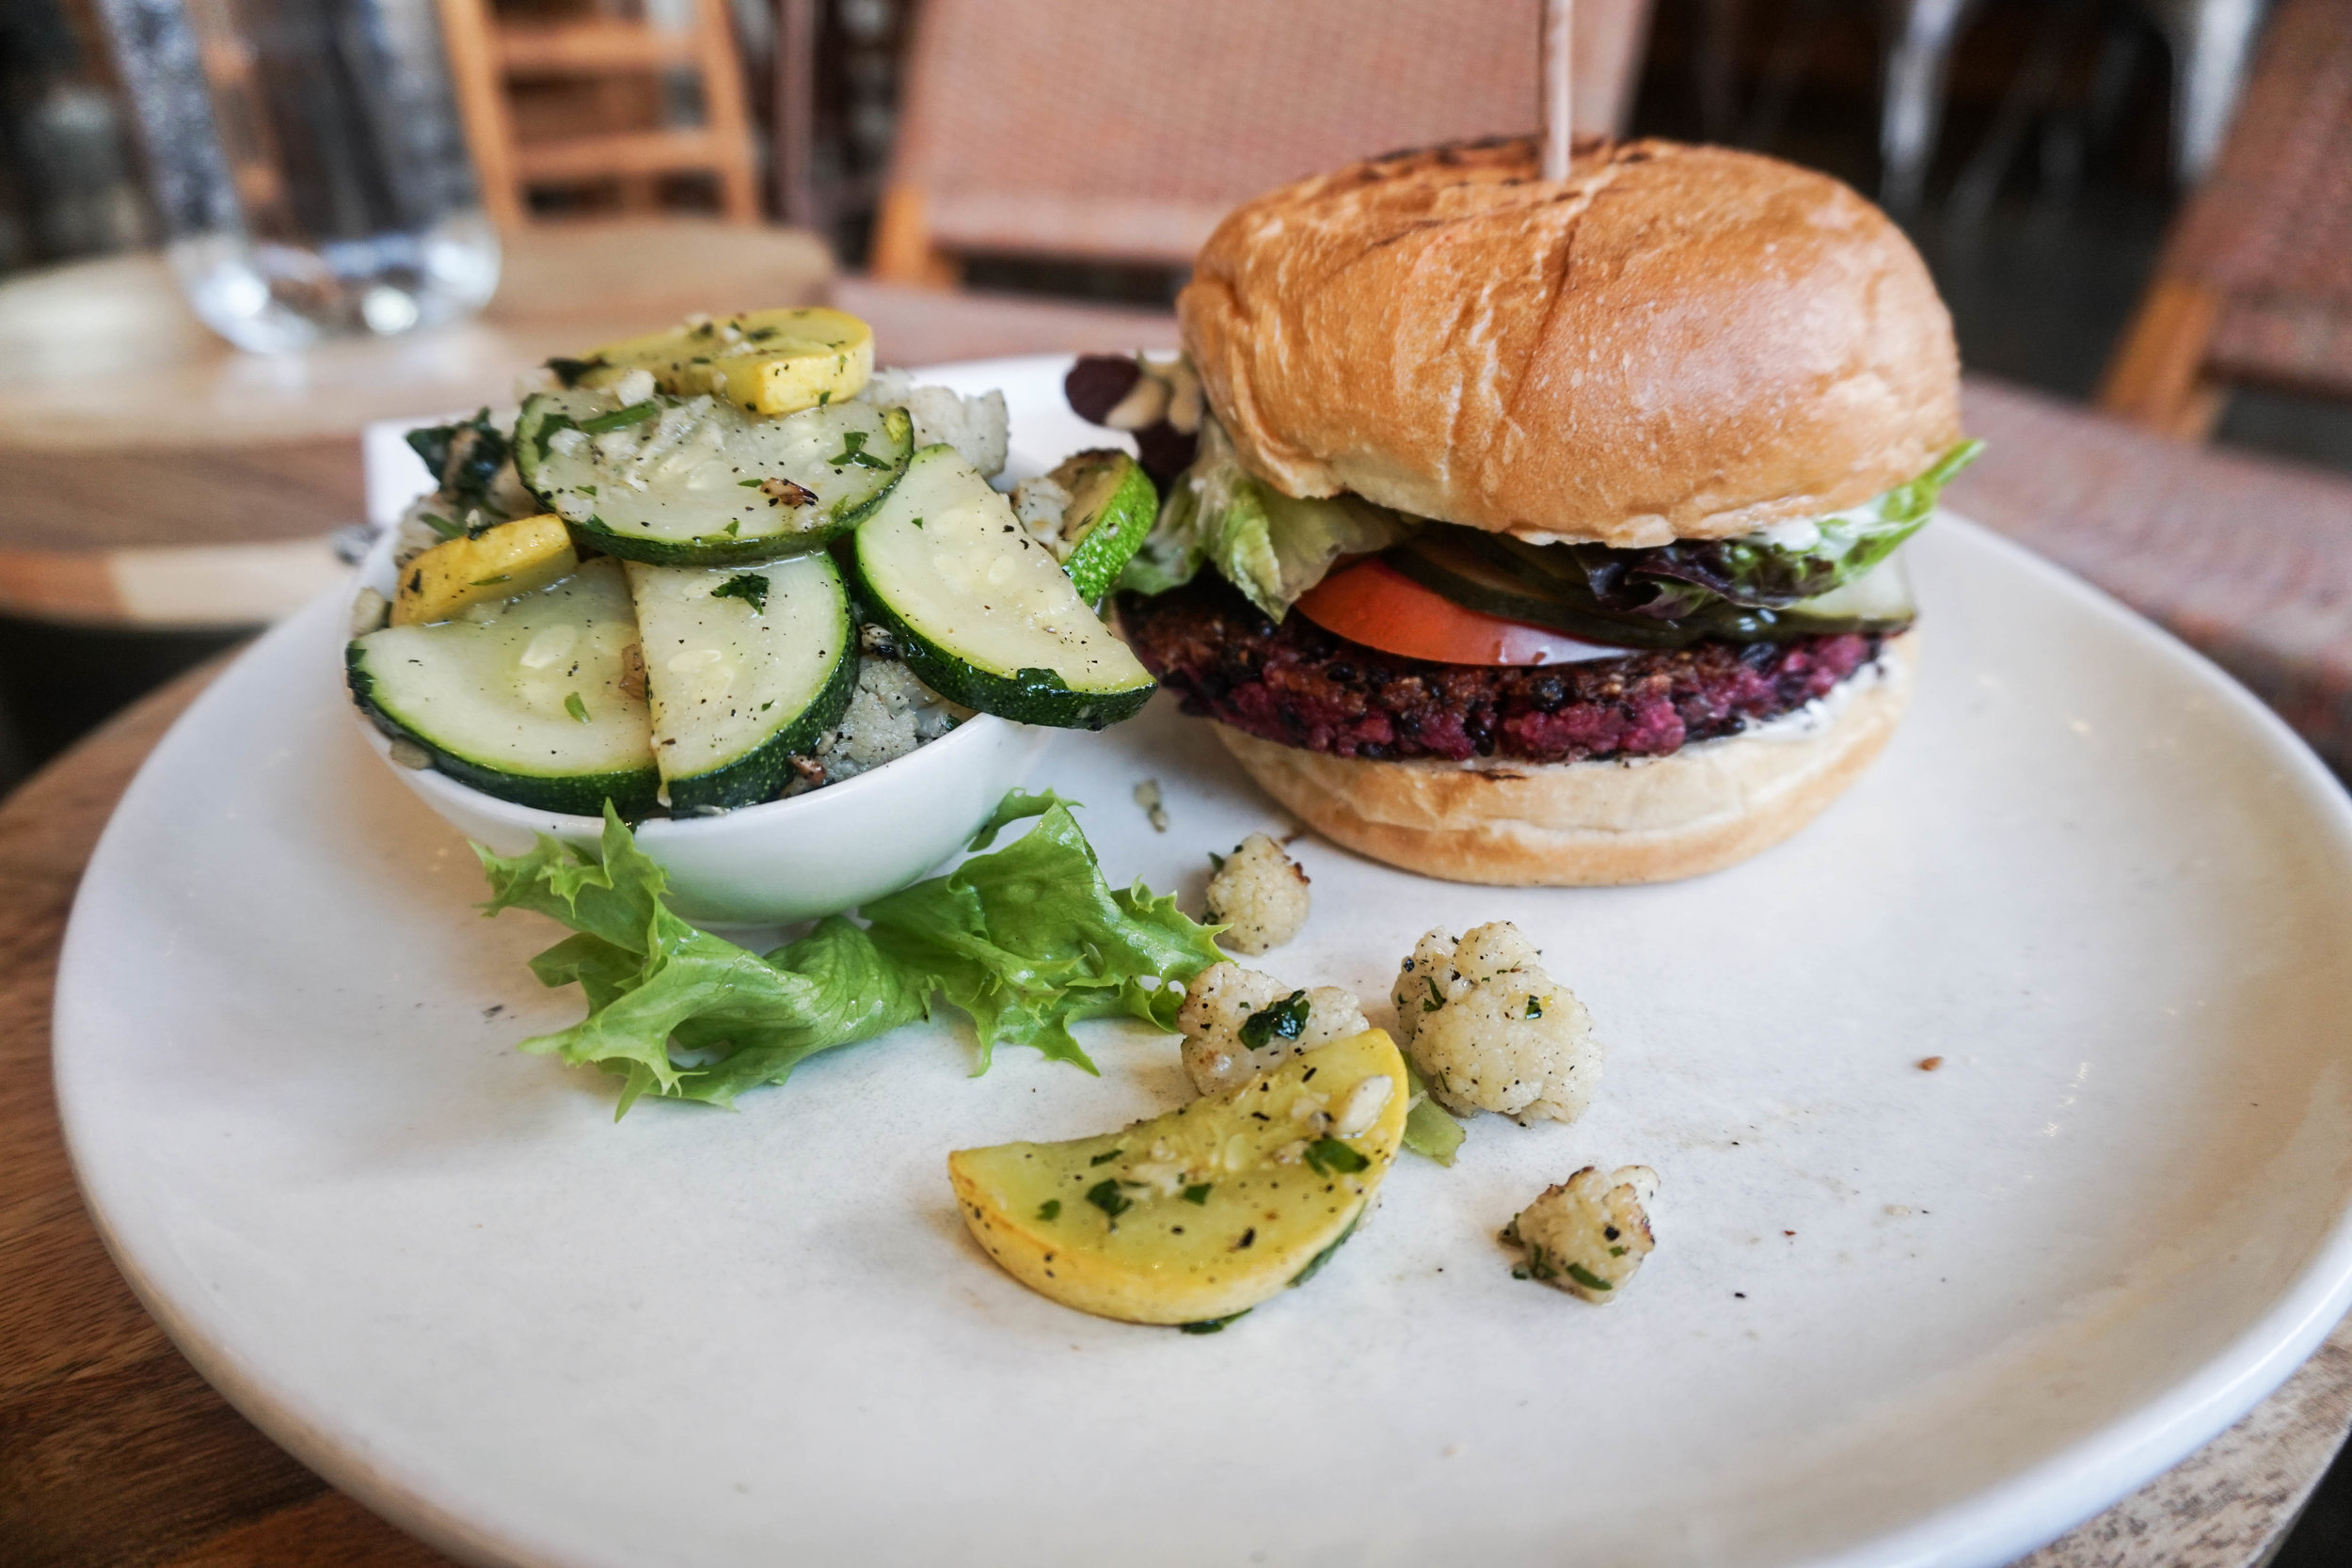 vegan-vegetarian-restaurants-nashville-where-to-eat.jpg